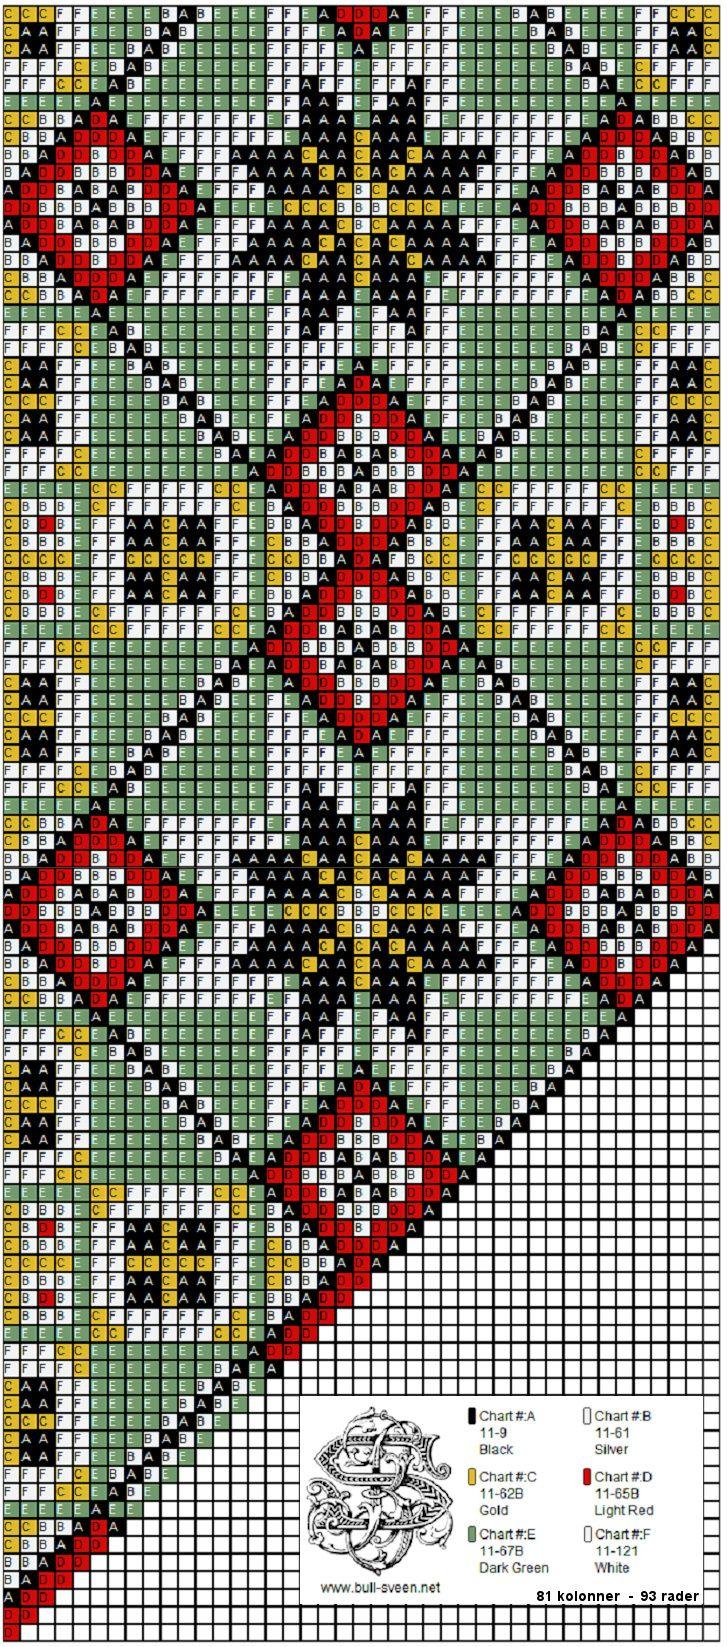 Gammelt perlemønster, sent 1800 - tidlig 1900-tallet, fra Hardanger. Dennebrystduken er smalt og høyt, bare 81 perler i bredden. Tre fargevariasjoner.